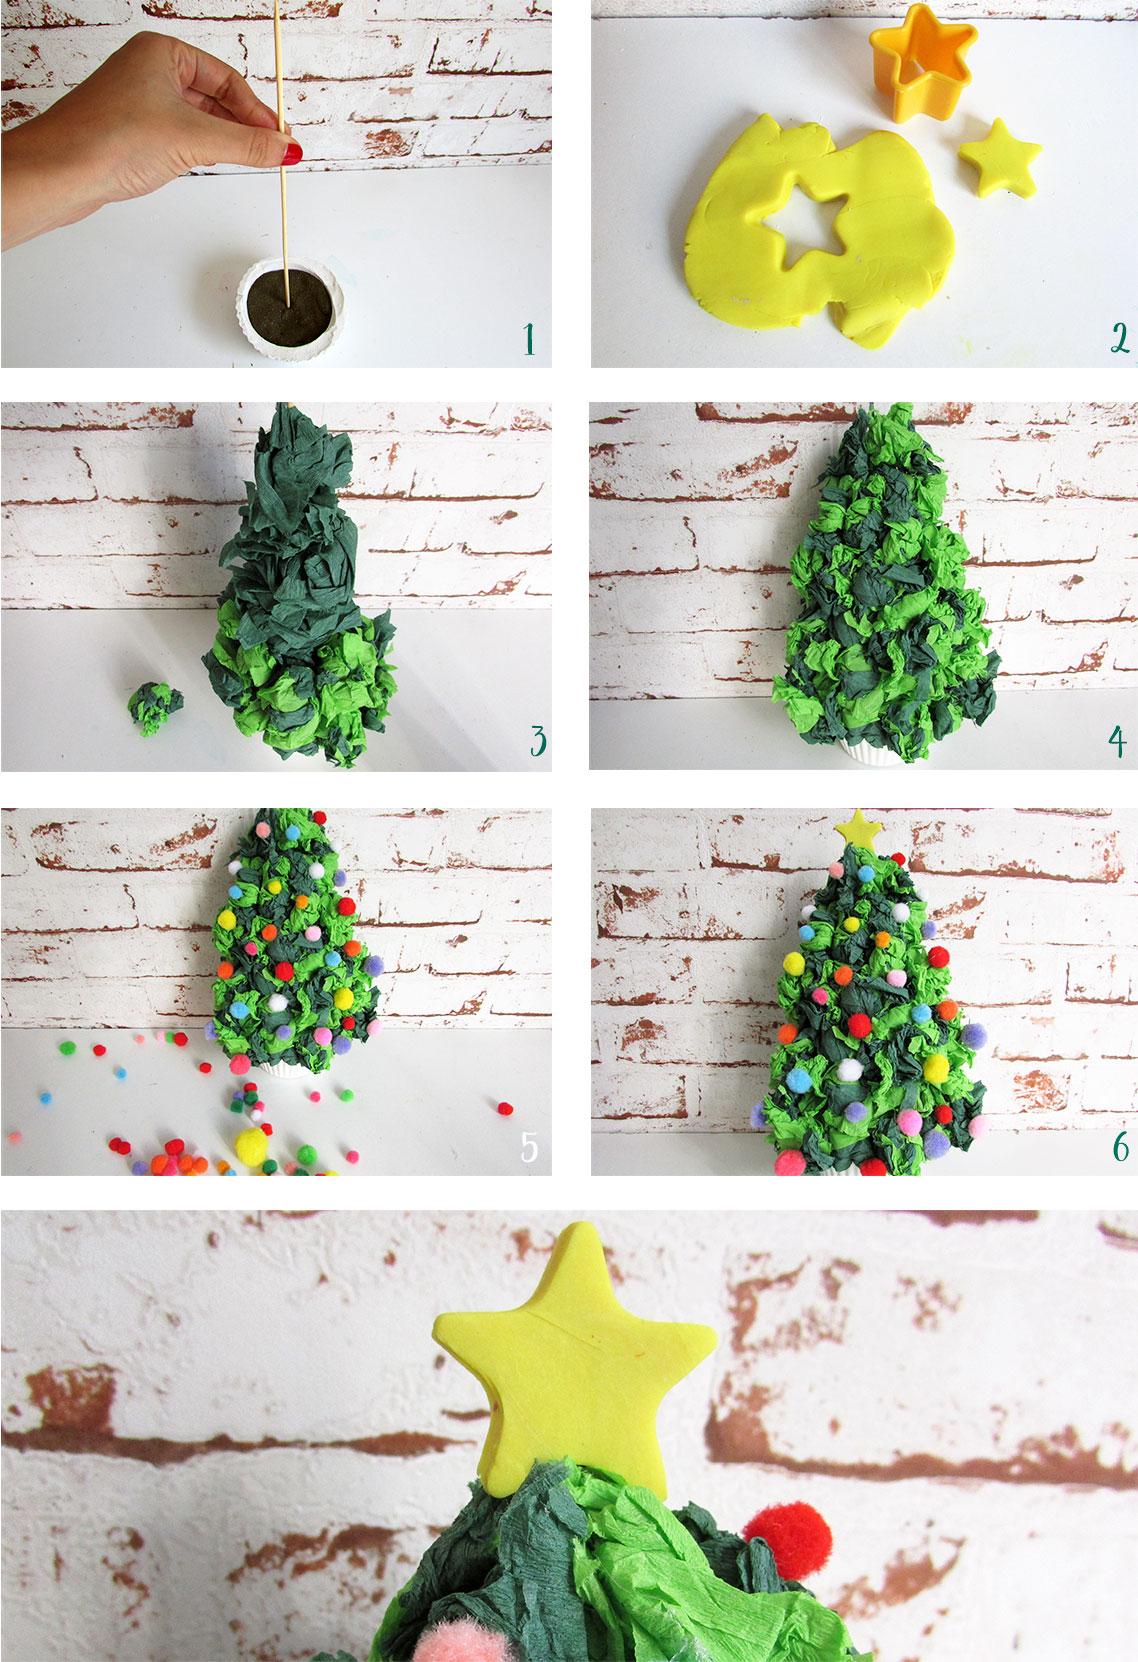 Rbol De Navidad Con Papel Crep Divertido Westwing ~ Crismas De Navidad Hechos Por  Ninos